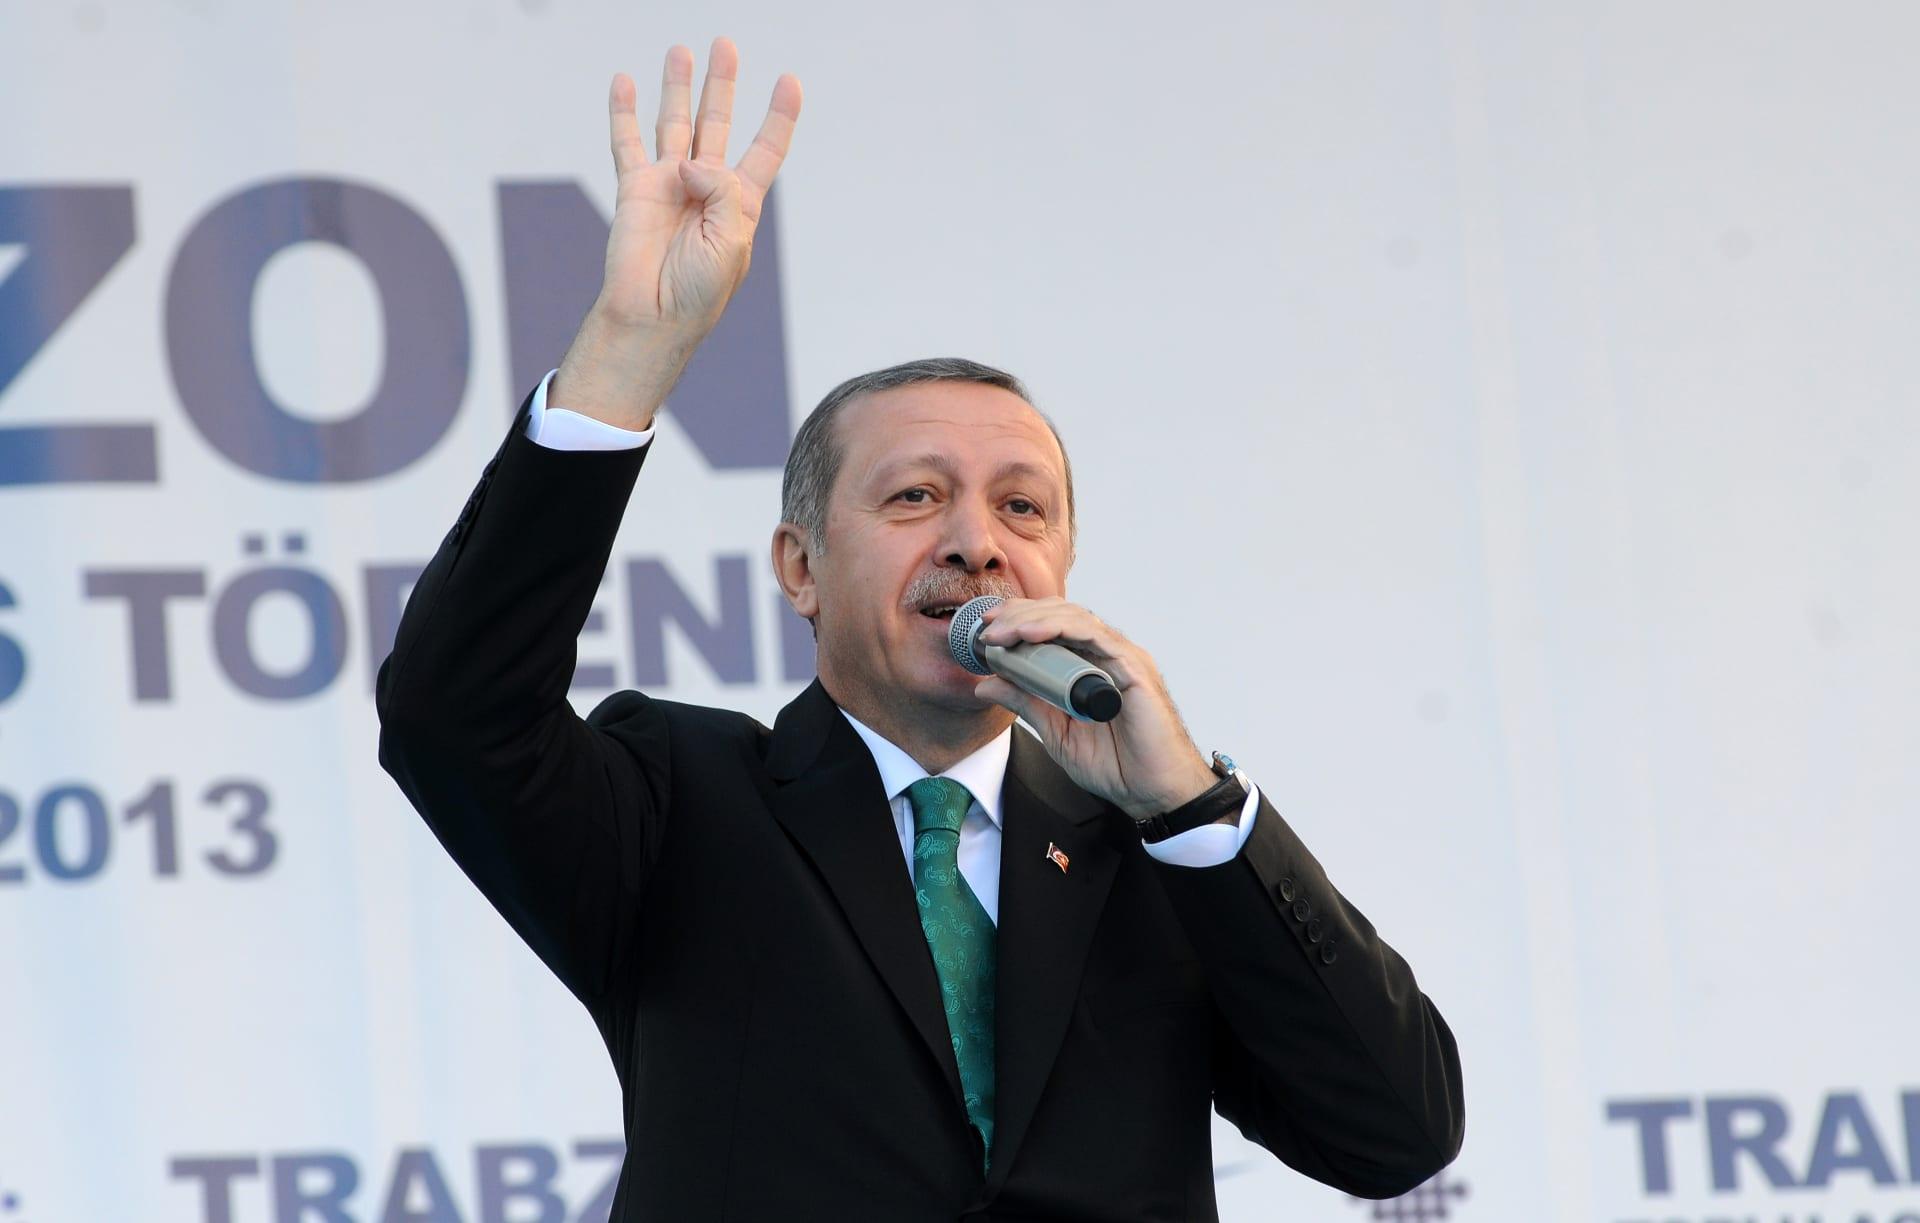 """بعد نتائج الاستفتاء.. """"الإخوان المسلمين"""" تهنئ أردوغان: درس بليغ في الديمقراطية"""